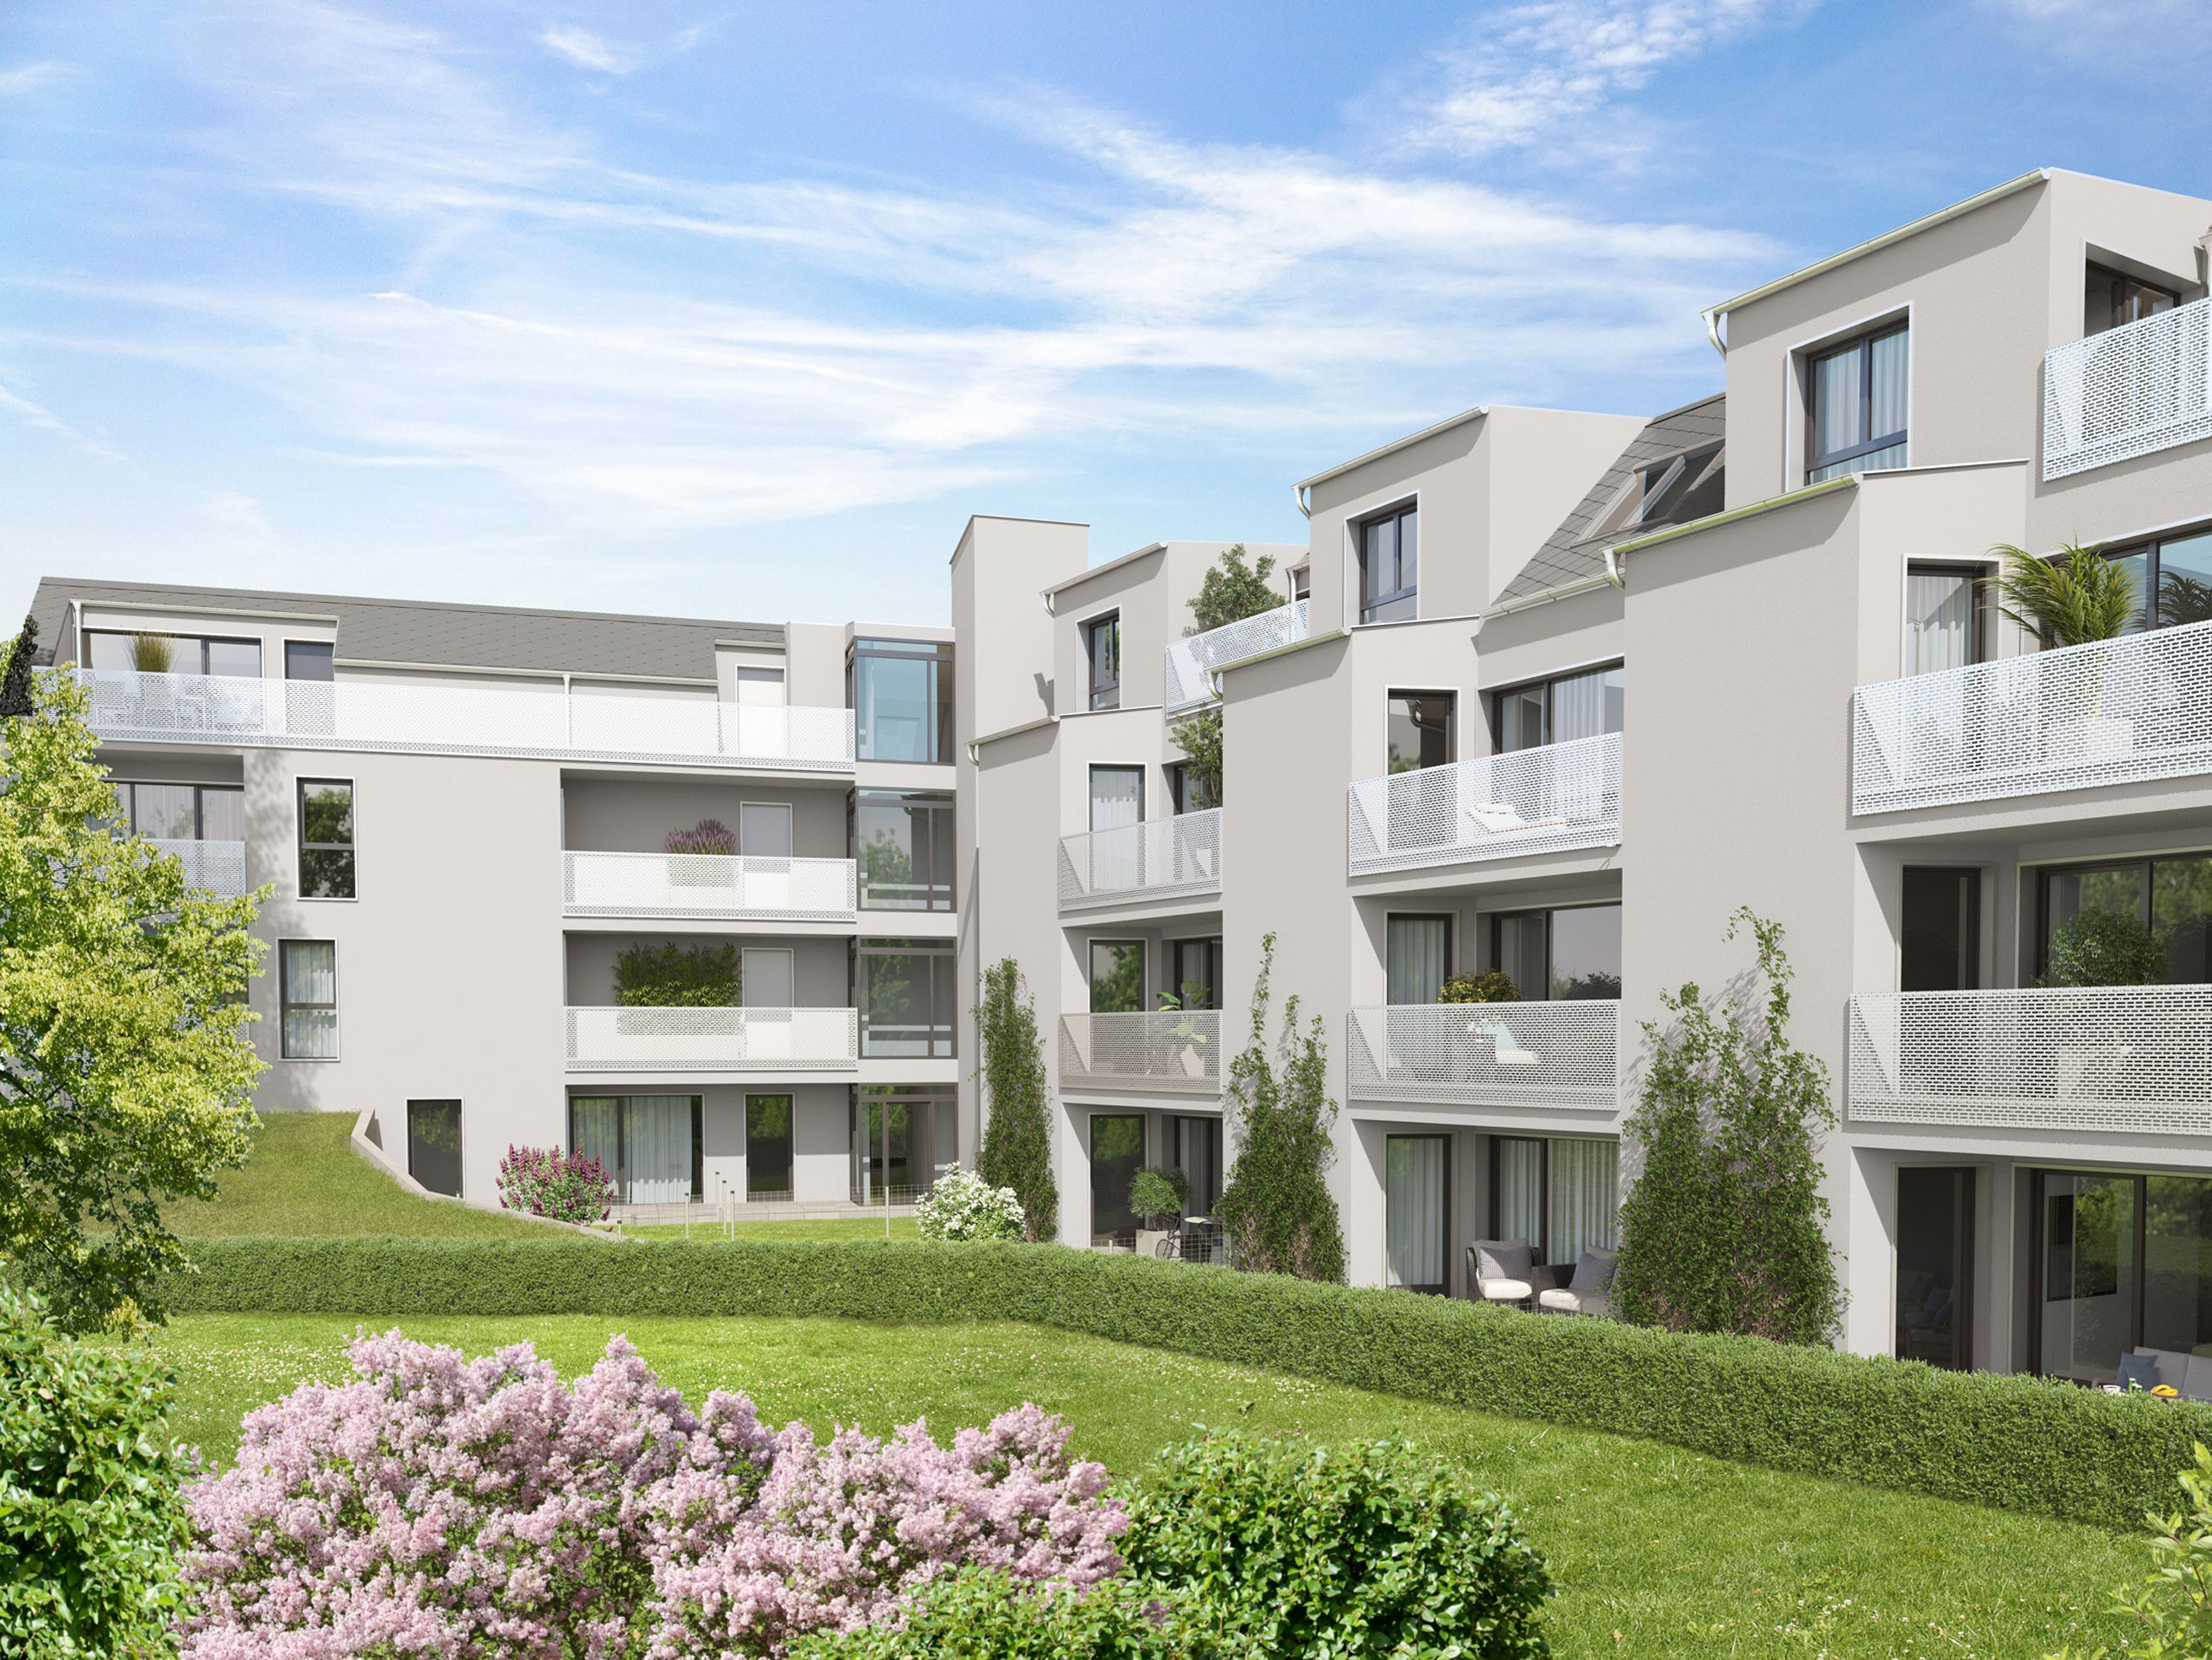 Bauherrenmodell Aspernstrasse Wien